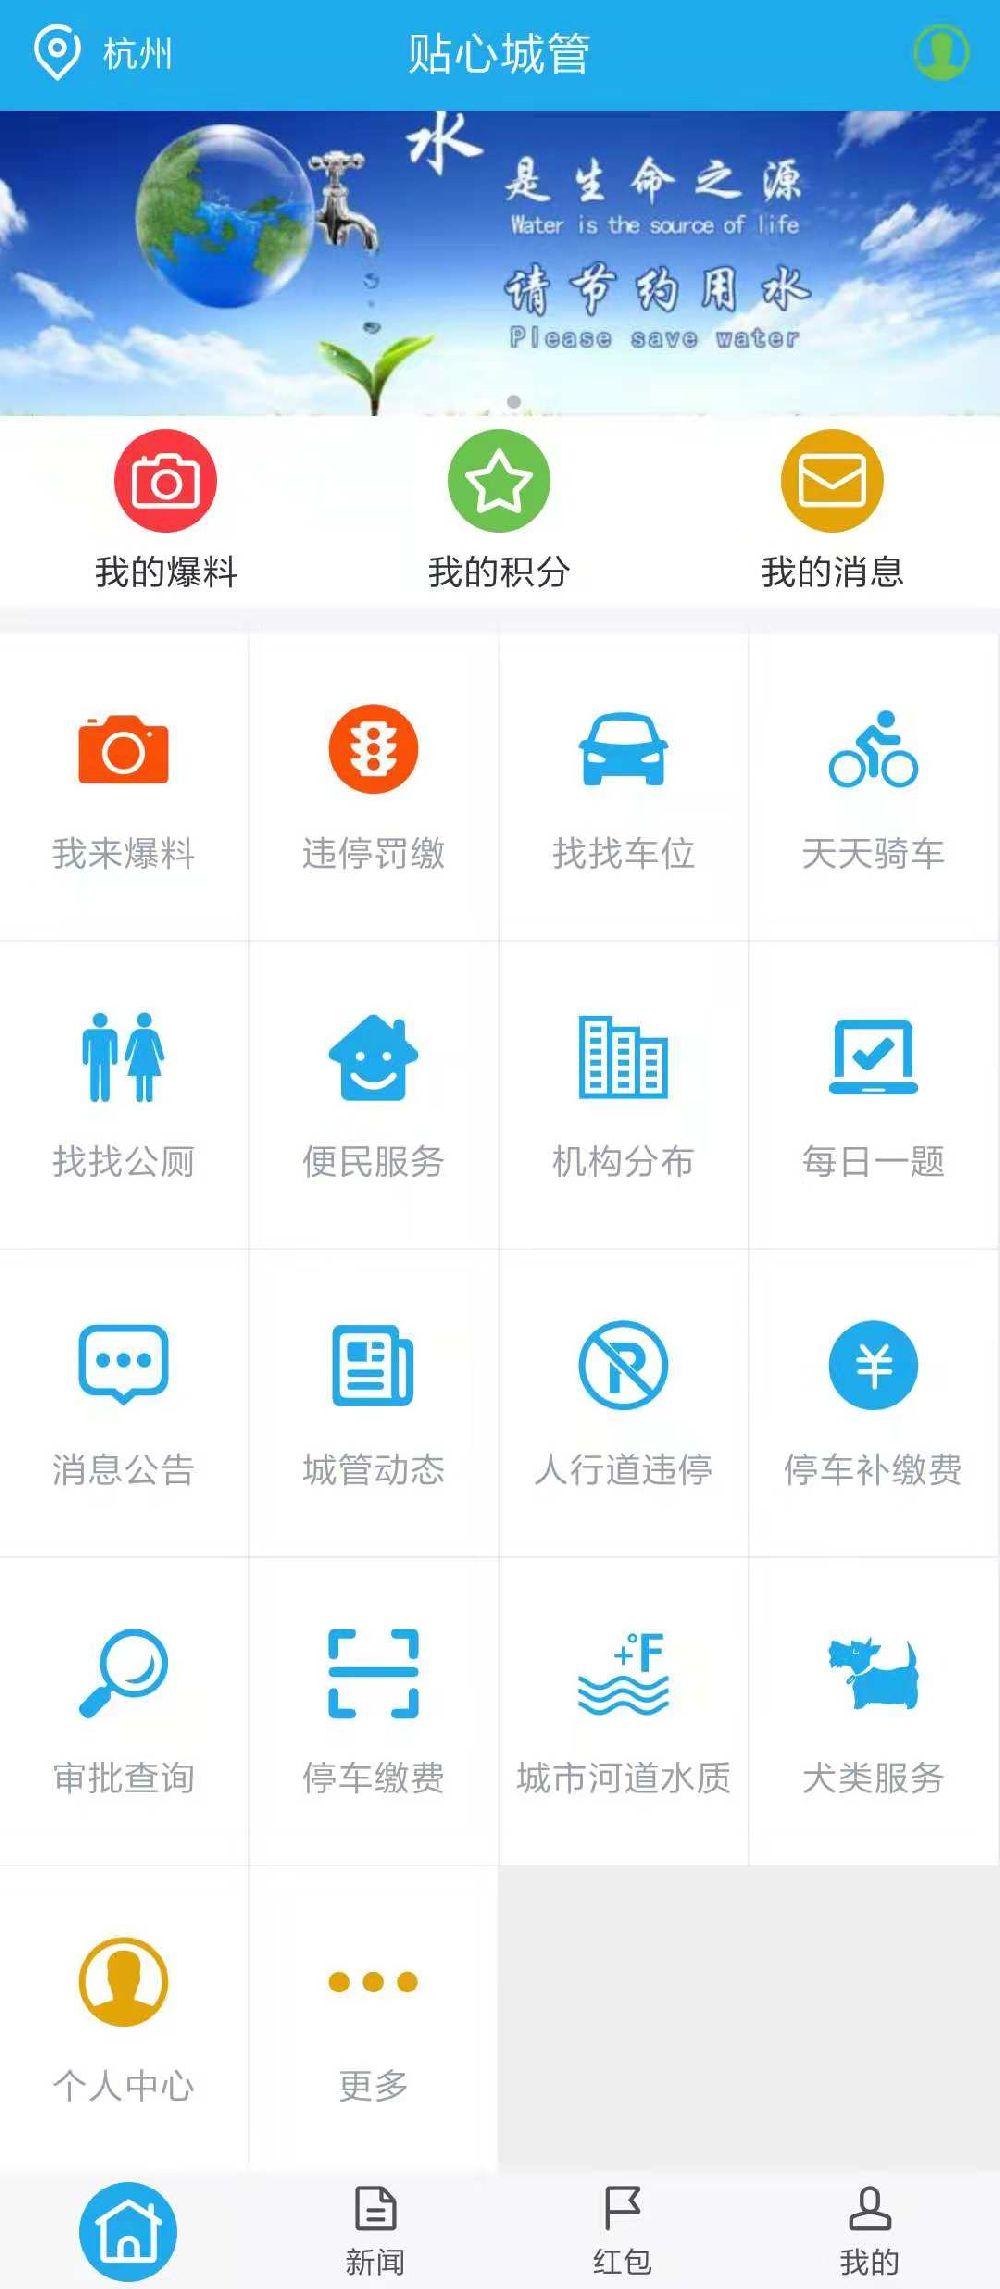 2018杭州贴心城管APP操作指南(下载 功能说明)